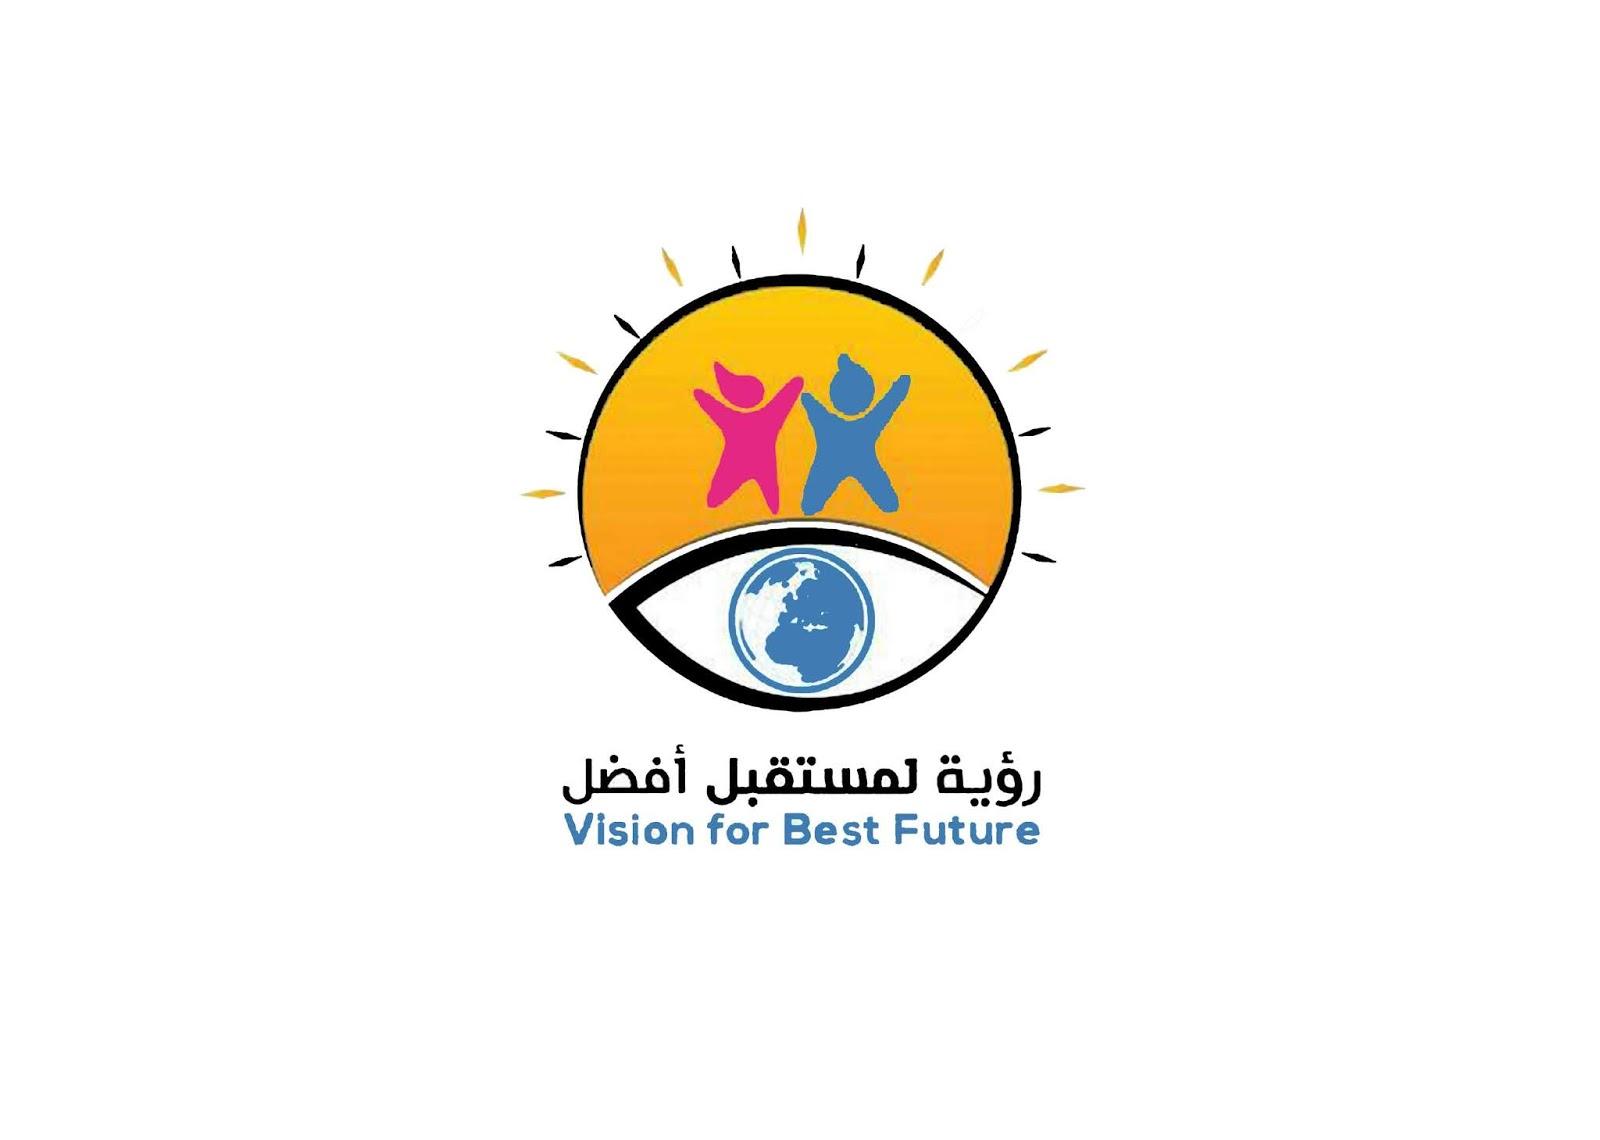 مؤسسة رؤية لمستقبل افضل تنمويه تقوم بتأهيل وتدريب اطفال ذوي الاحتياجات الخاصة عين الحقيقة